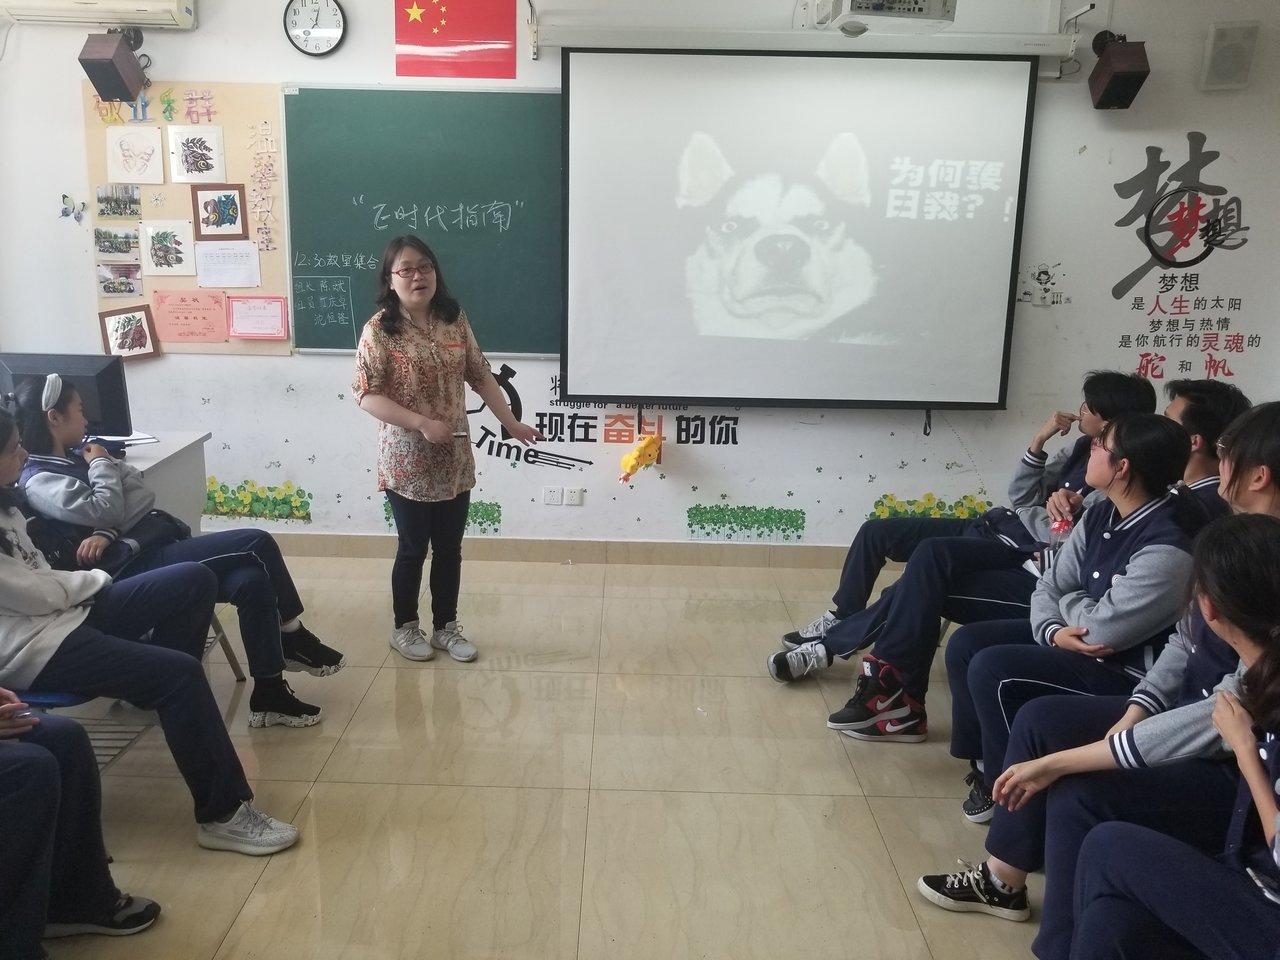 给同学的祝福语_上海市阳光社区青少年事务中心